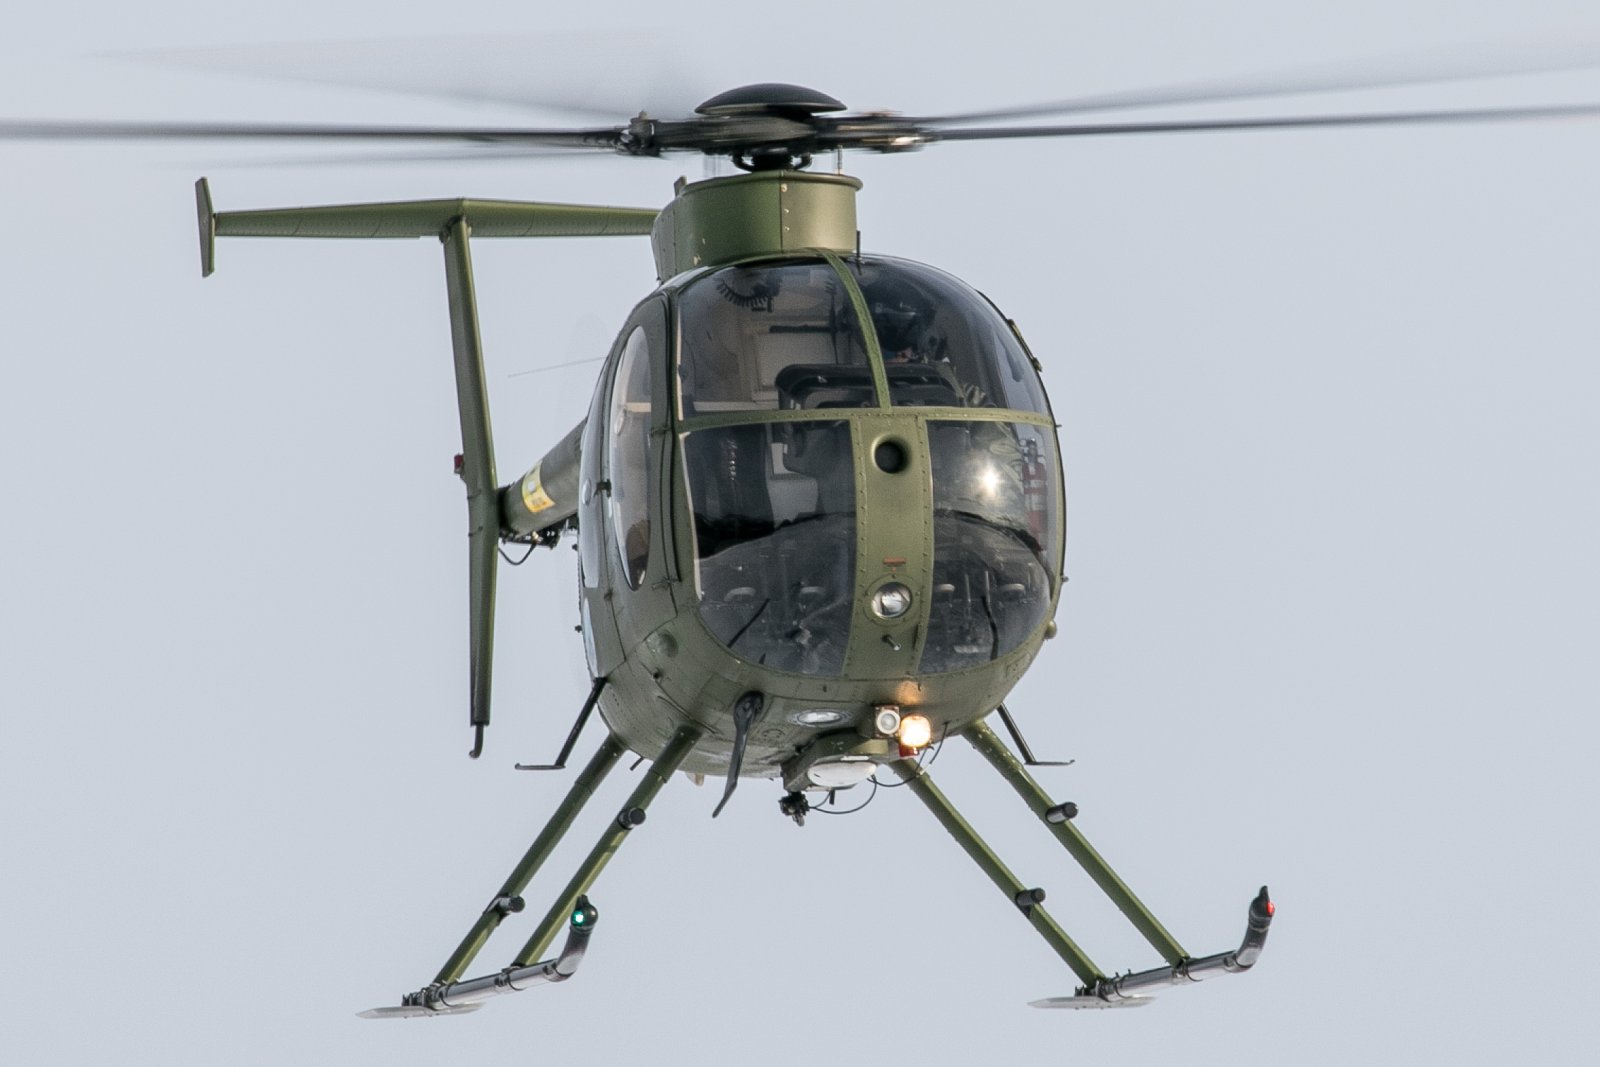 HH-6. Tämä tuli oikein poseeraamaan kun havaitsi minut kuvaamassa, kiitos pilotille.